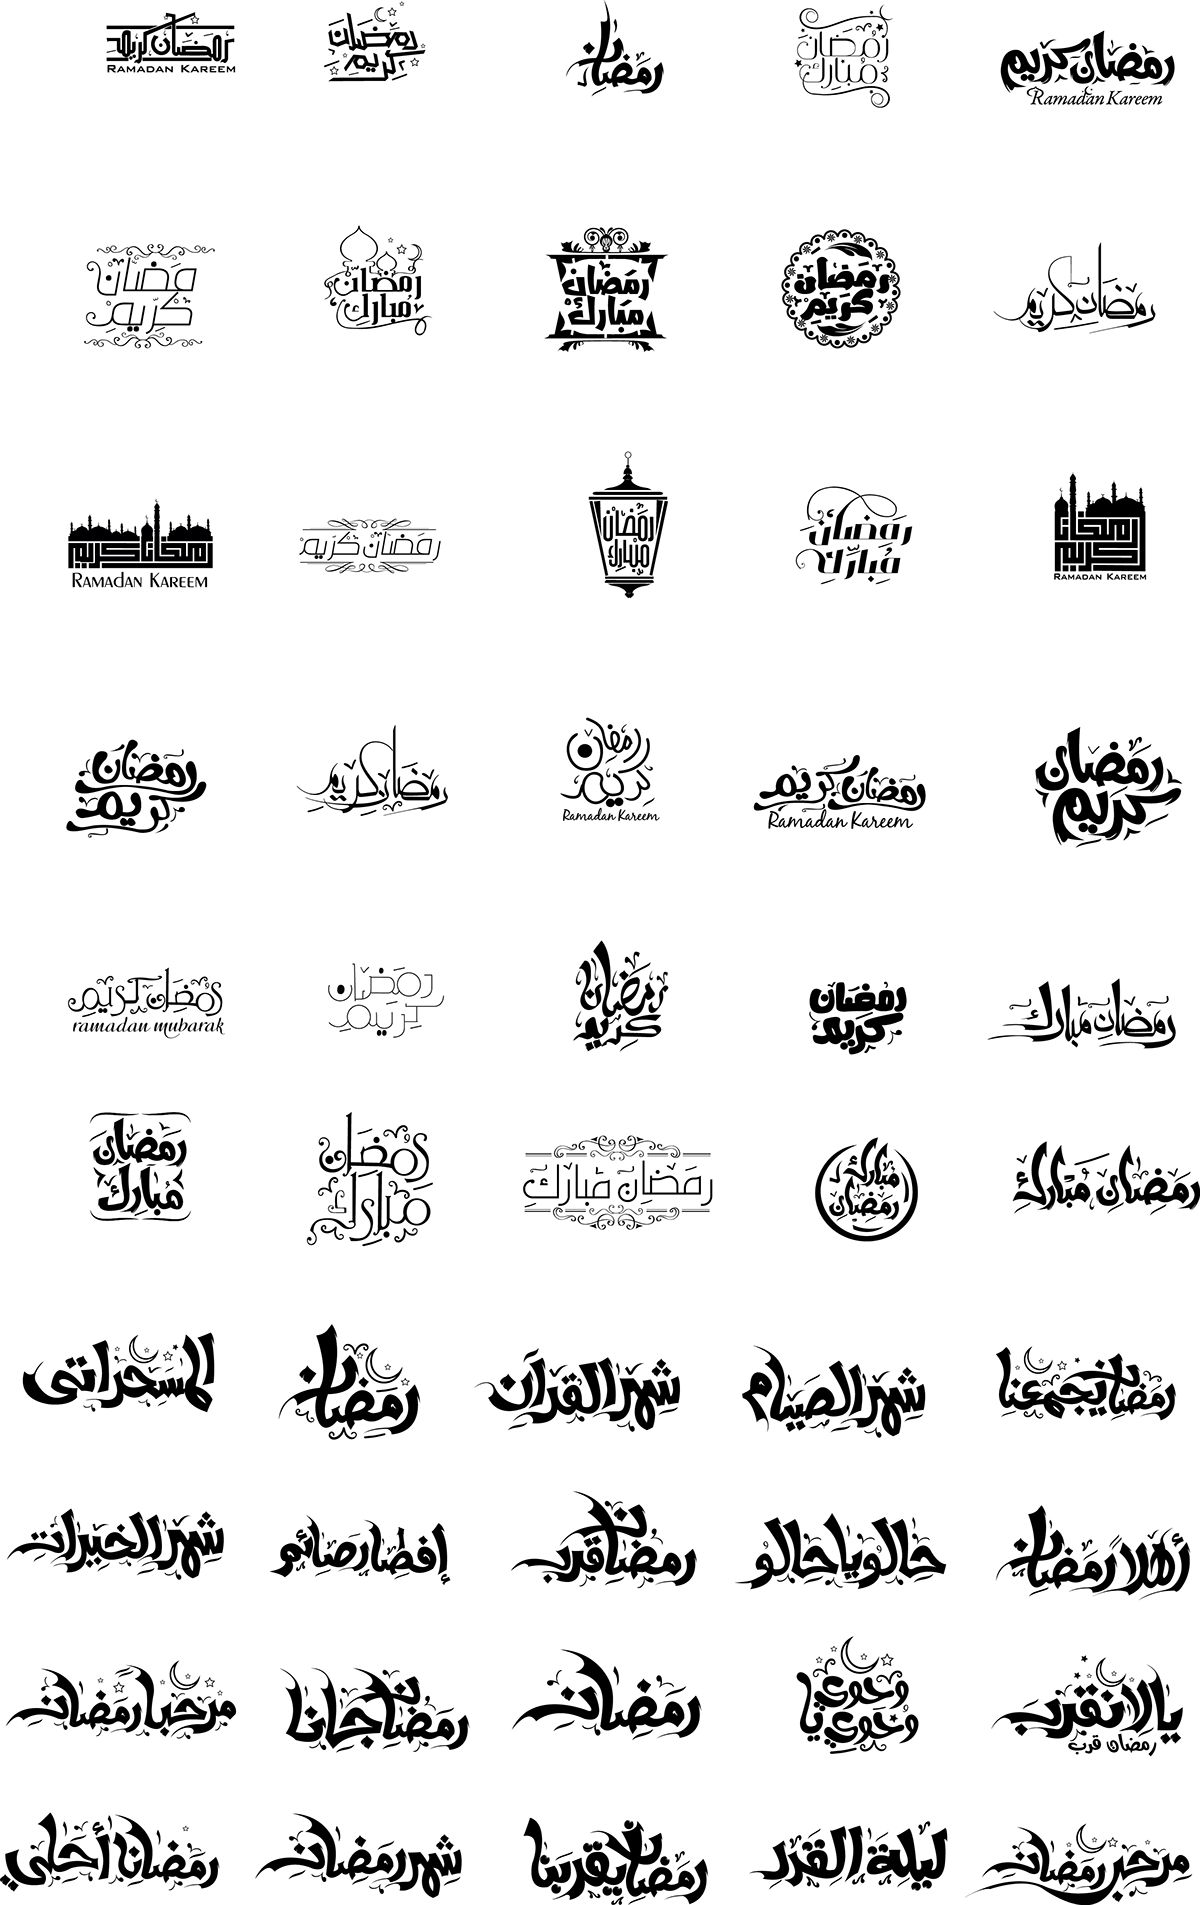 تهنئة رمضان 2021 بطاقات معايدة بمناسبة شهر رمضان Vector Illustration Illustration Royalty Free